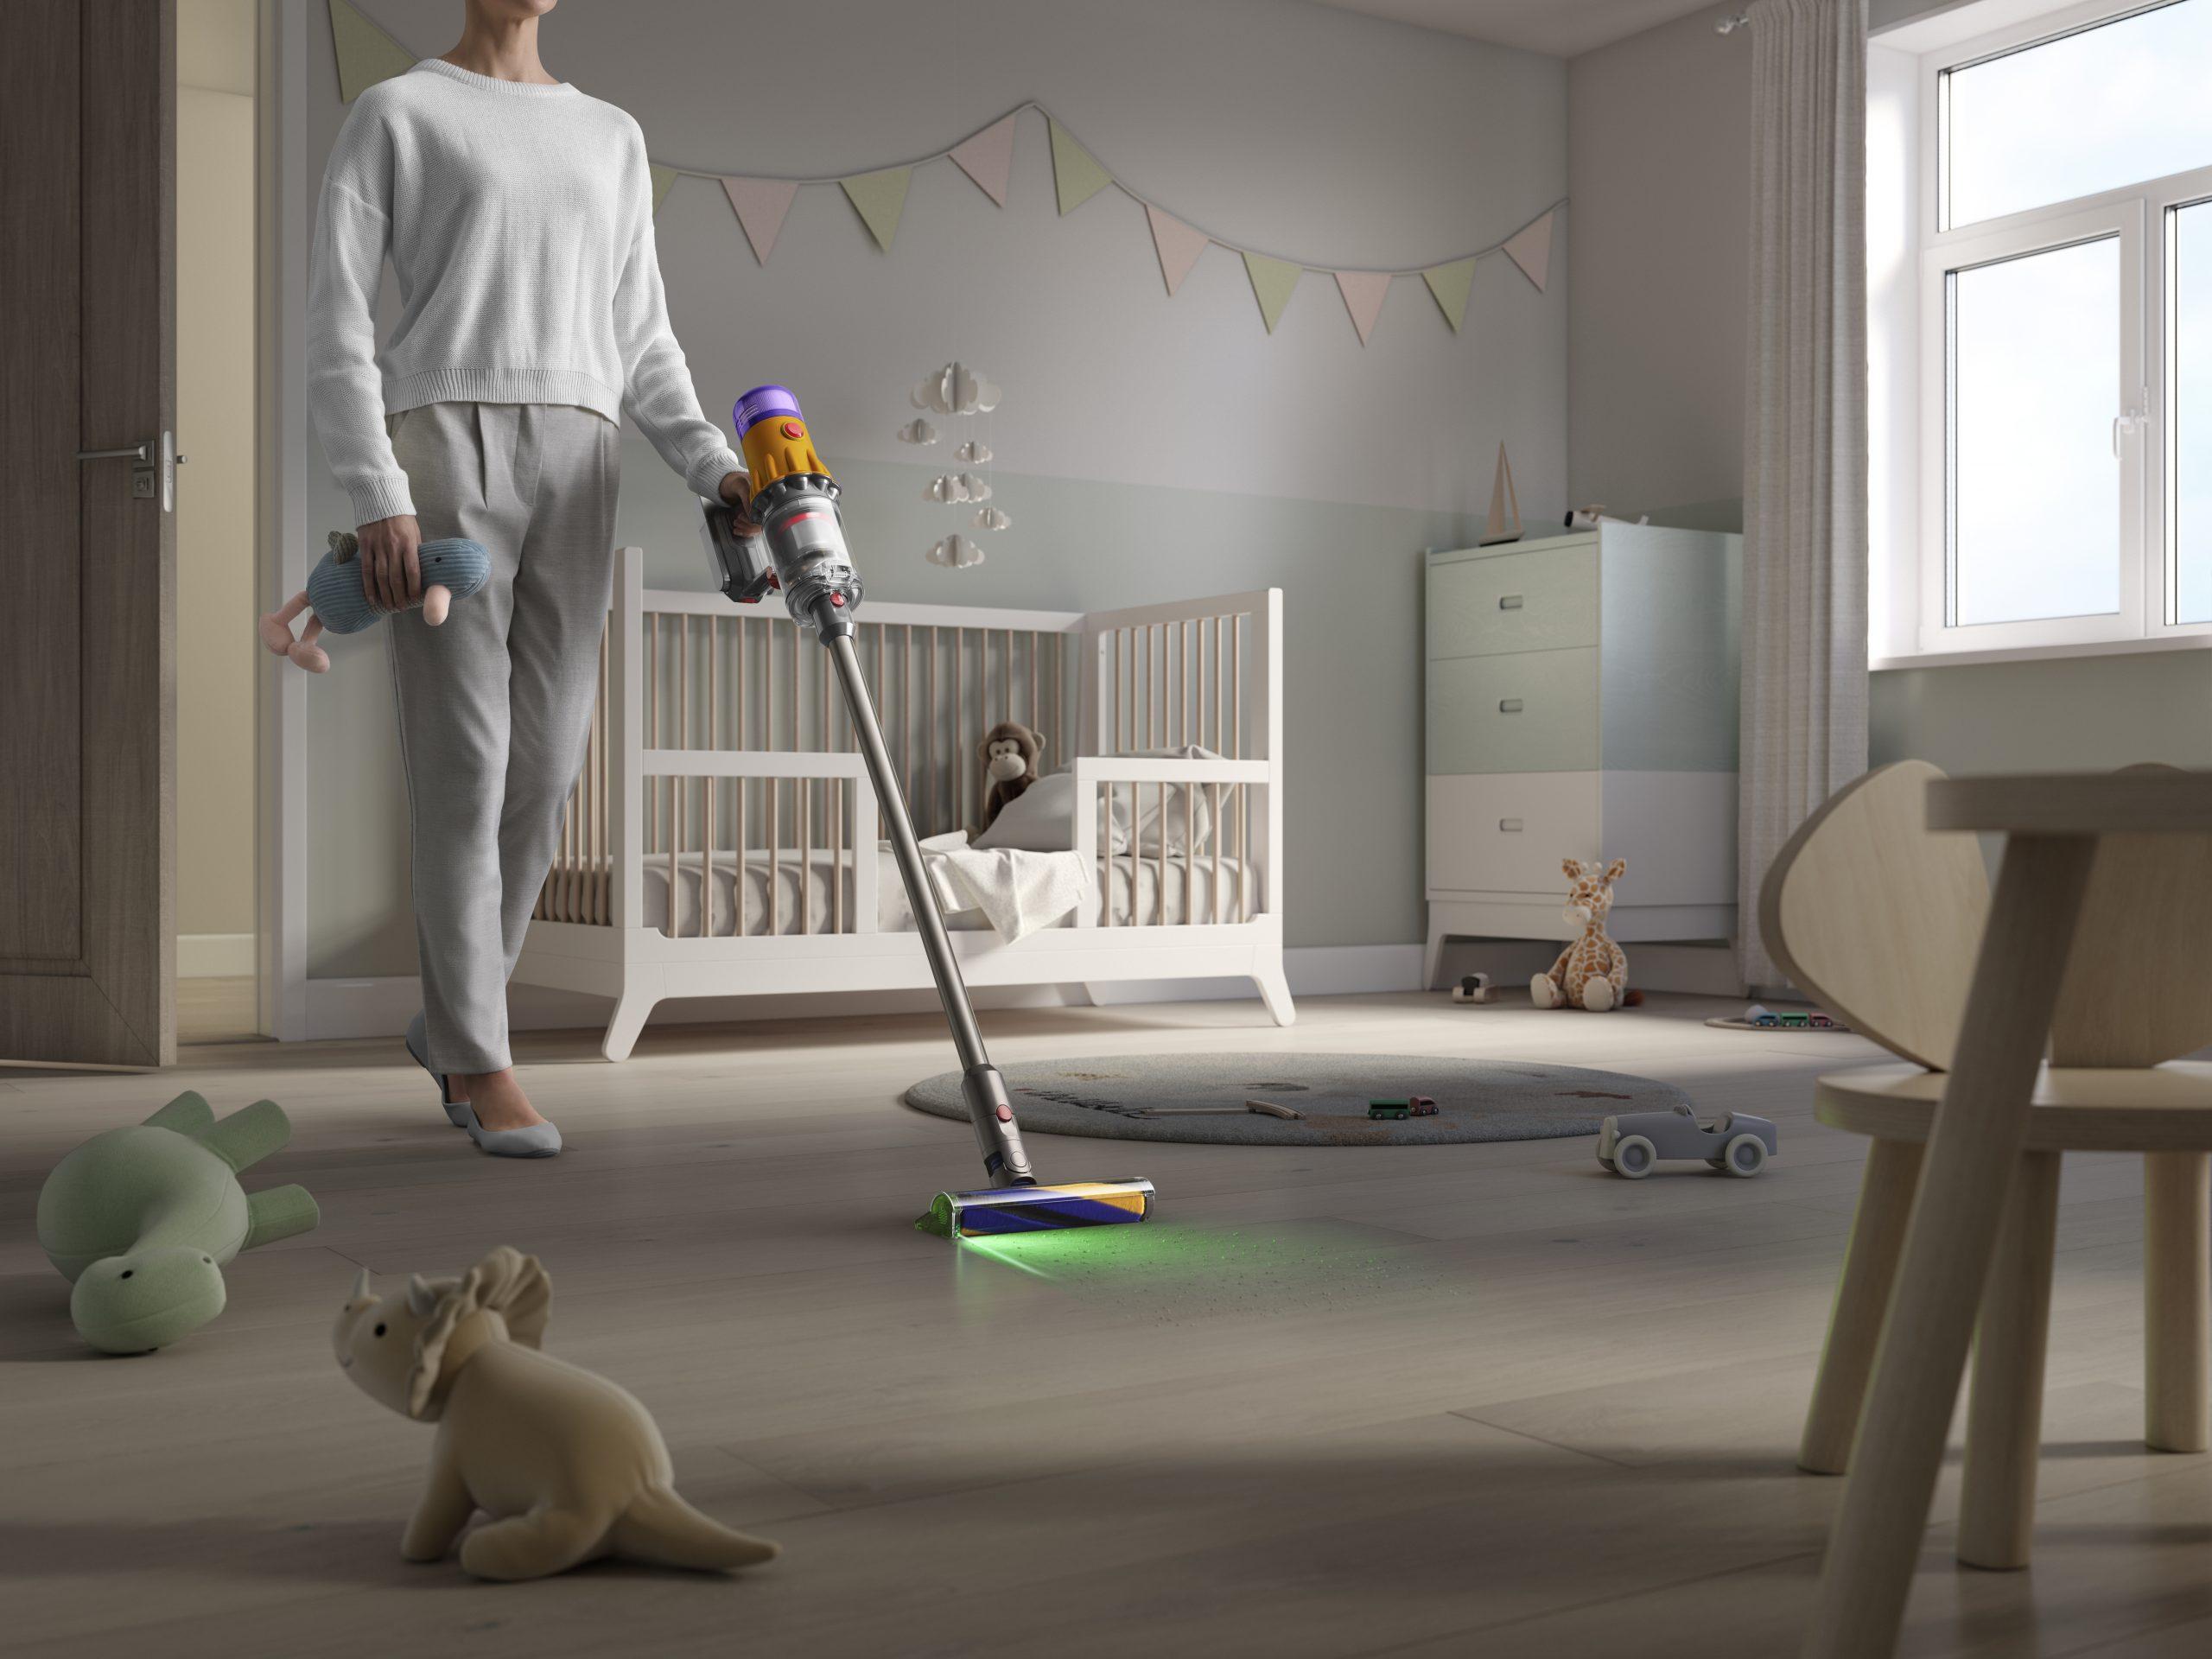 Σκόνη τέλος στο σπίτι - Αυτή είναι η ηλεκτρική σκούπα που κάνει θαύματα στο καθάρισμα!